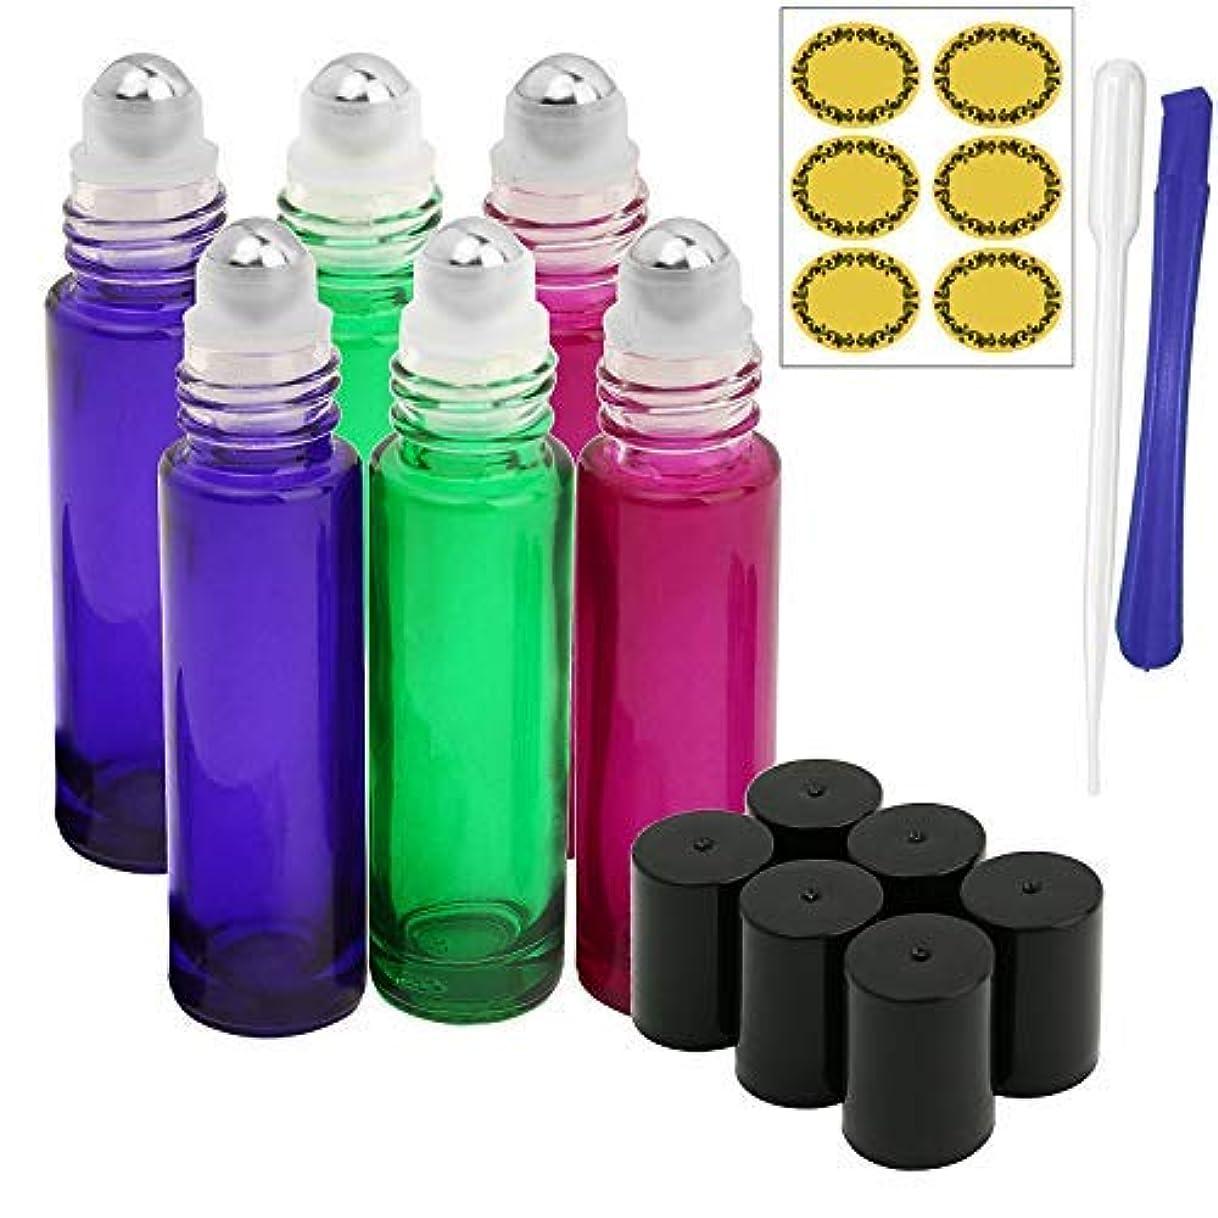 納税者とても多くの同等の6, 10ml Roller Bottles for Essential Oils - Gradient Color Glass Refillable Roller on Bottles with 1 Opener, 1...